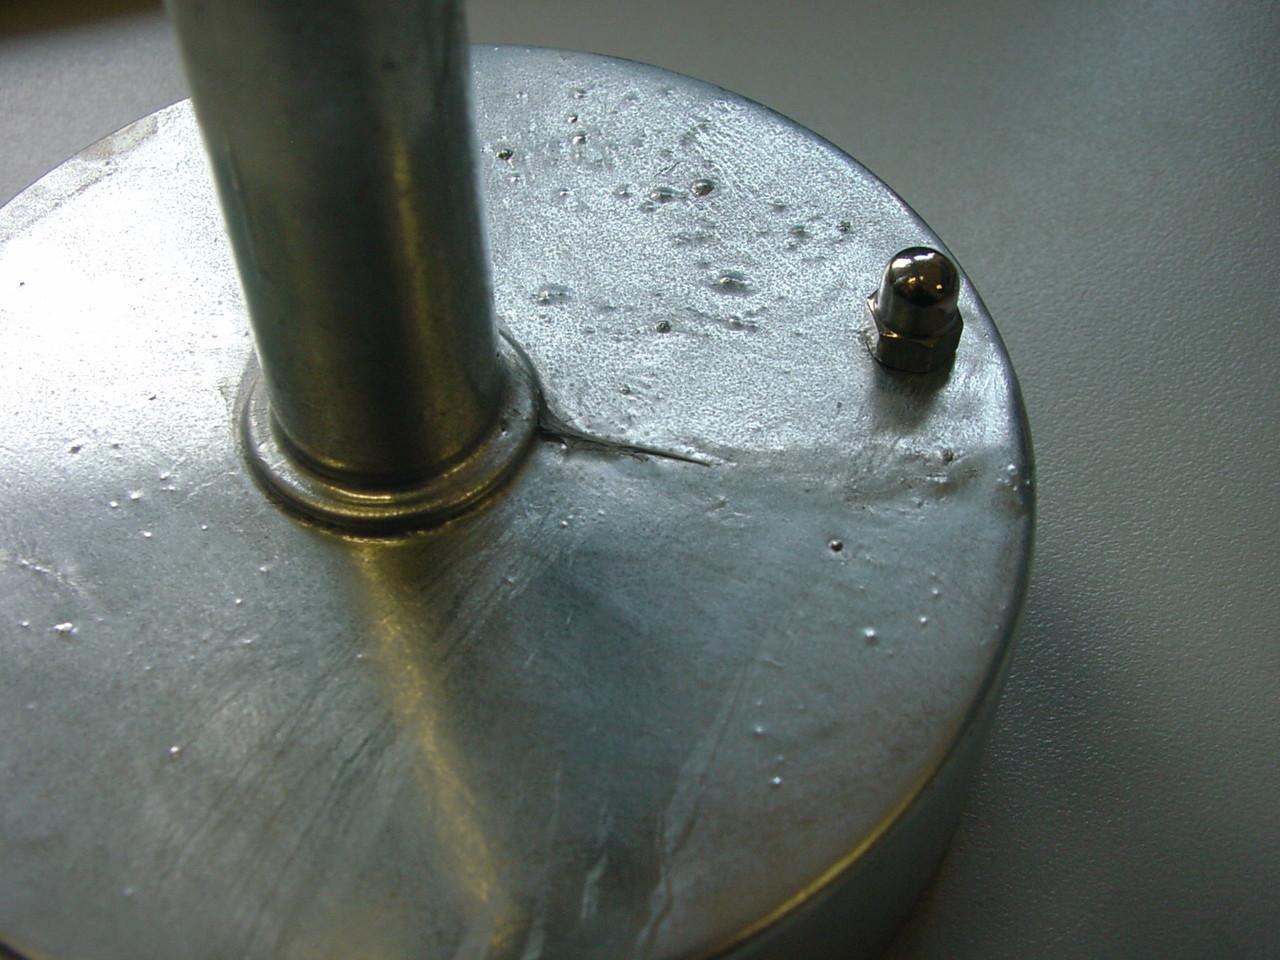 Nordlux Laterne Lonstrup Mit Bewegungsmelder B-Ware, Grau/transparent, Glas/Metall, Bewegungsmelder, 71412031   Dekoration > Kerzen und Kerzenständer > Laternen